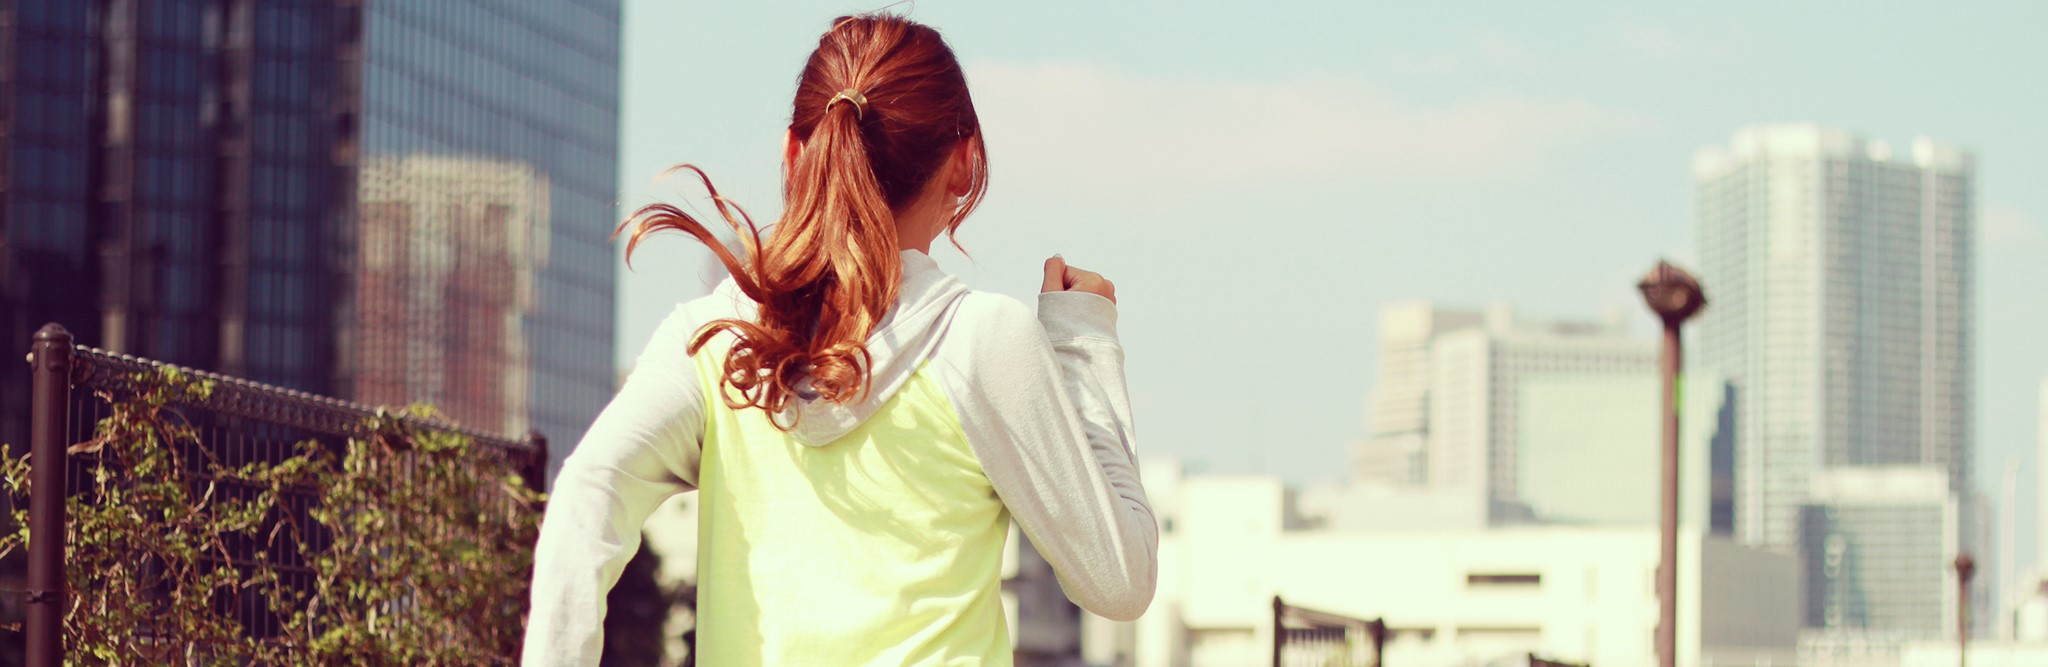 ランニングは健康に良い?悪い?